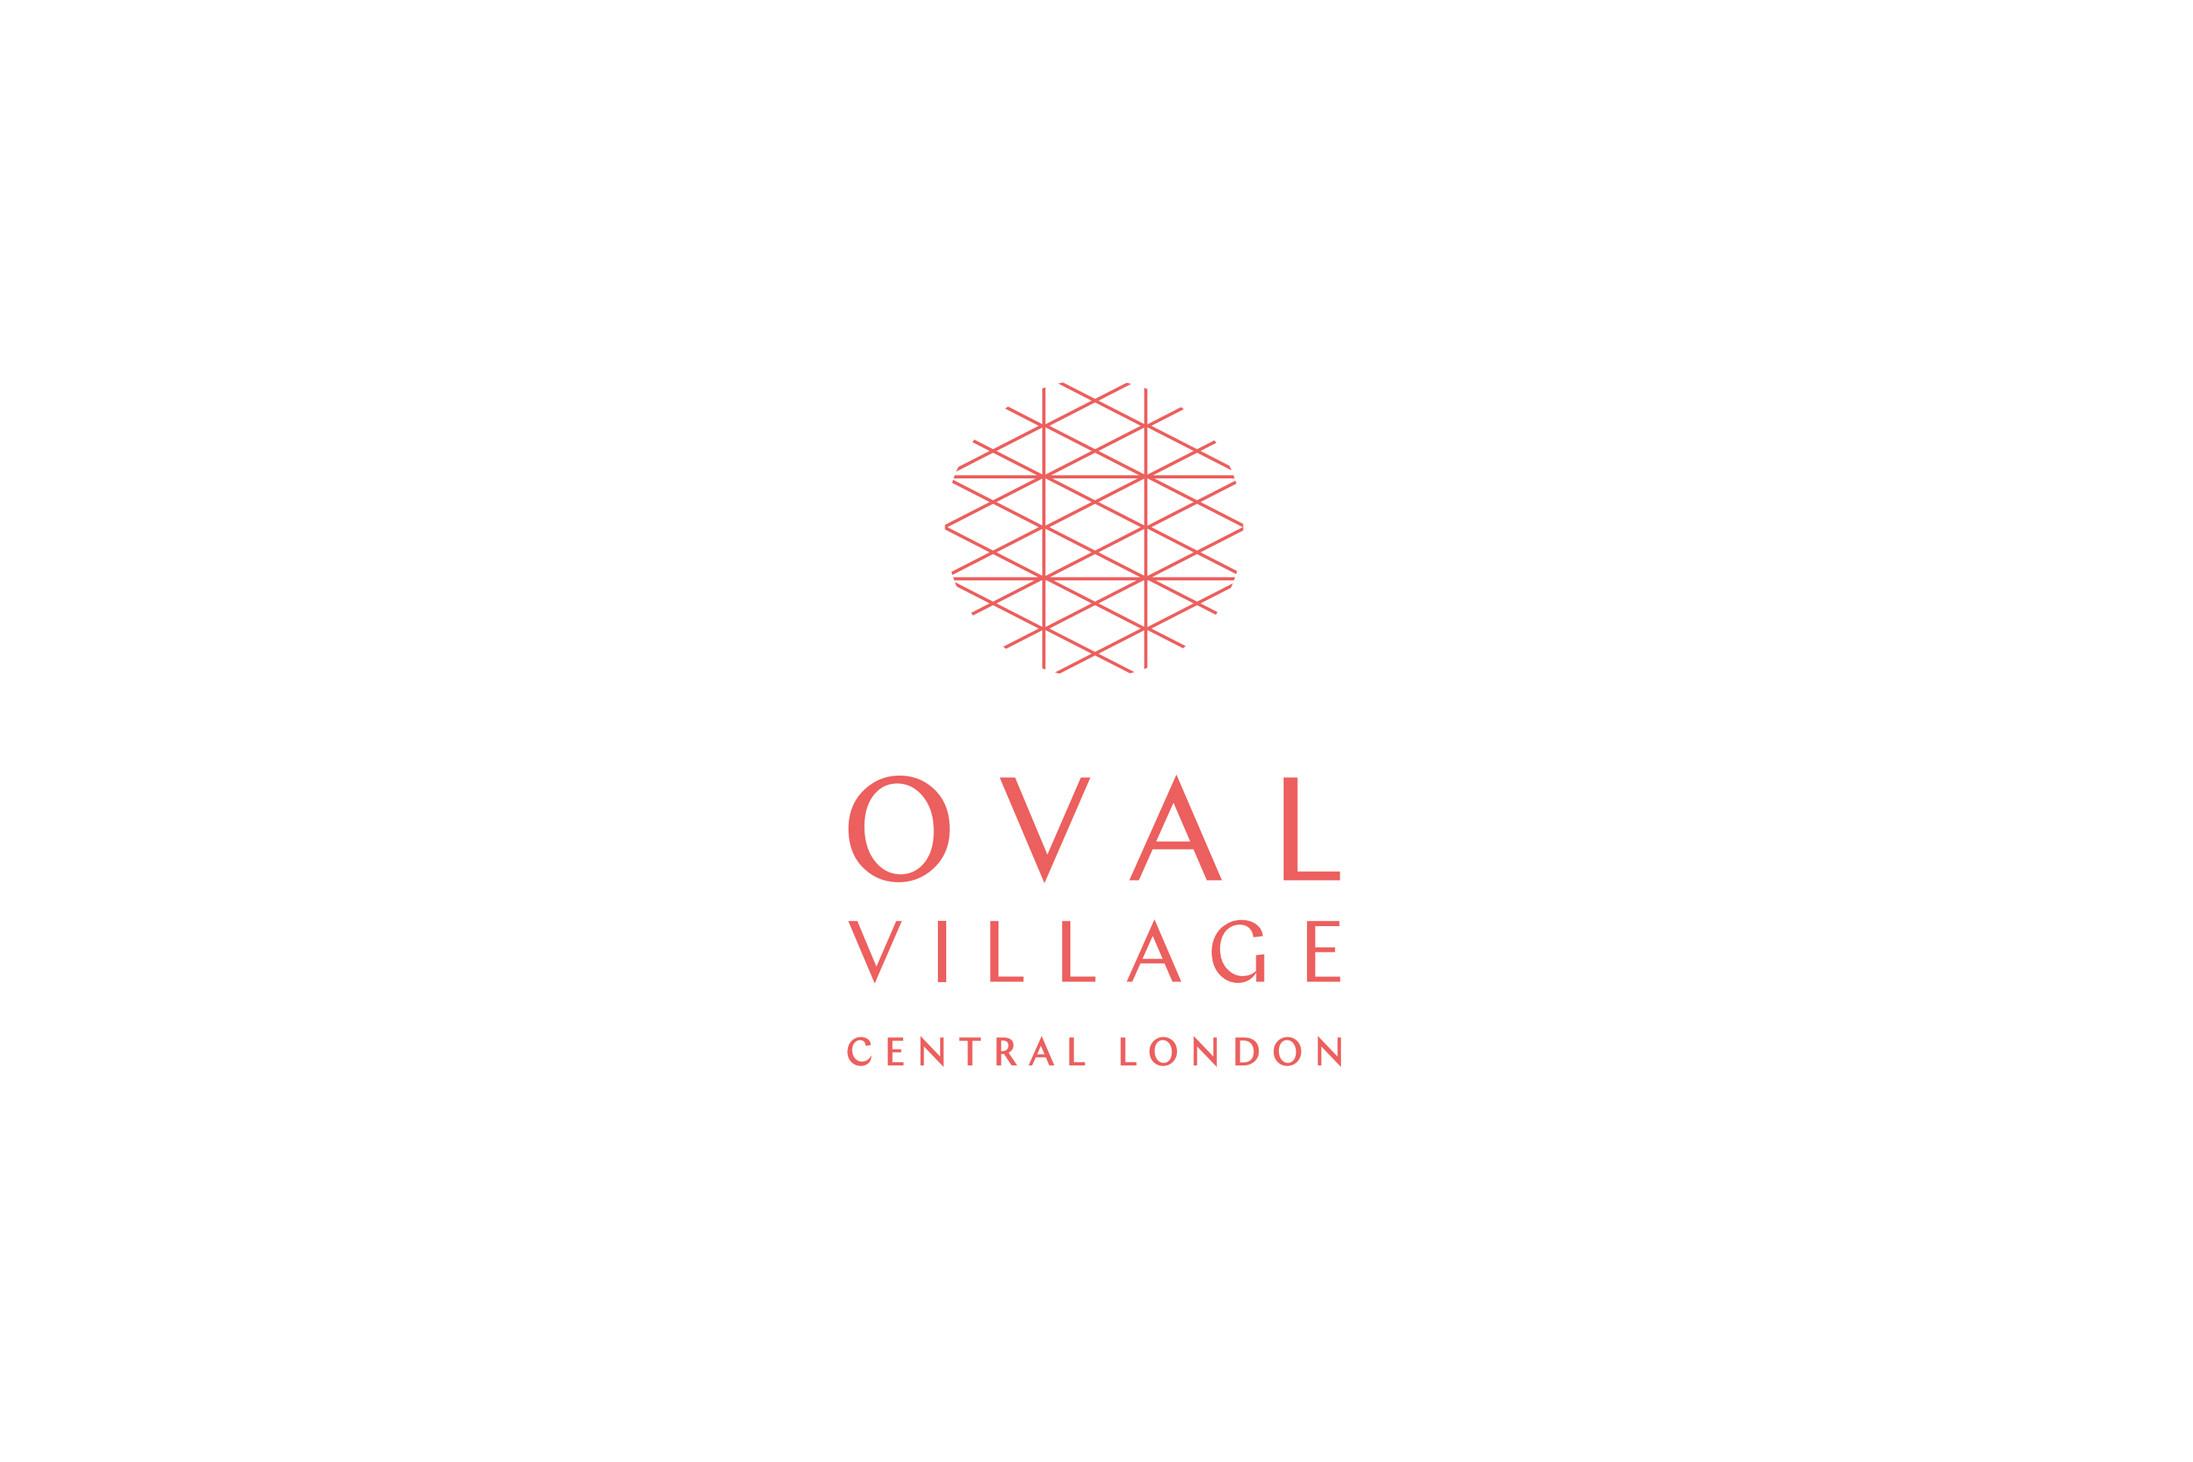 Oval Works is part of Berkeley's Oval Village development (logo).